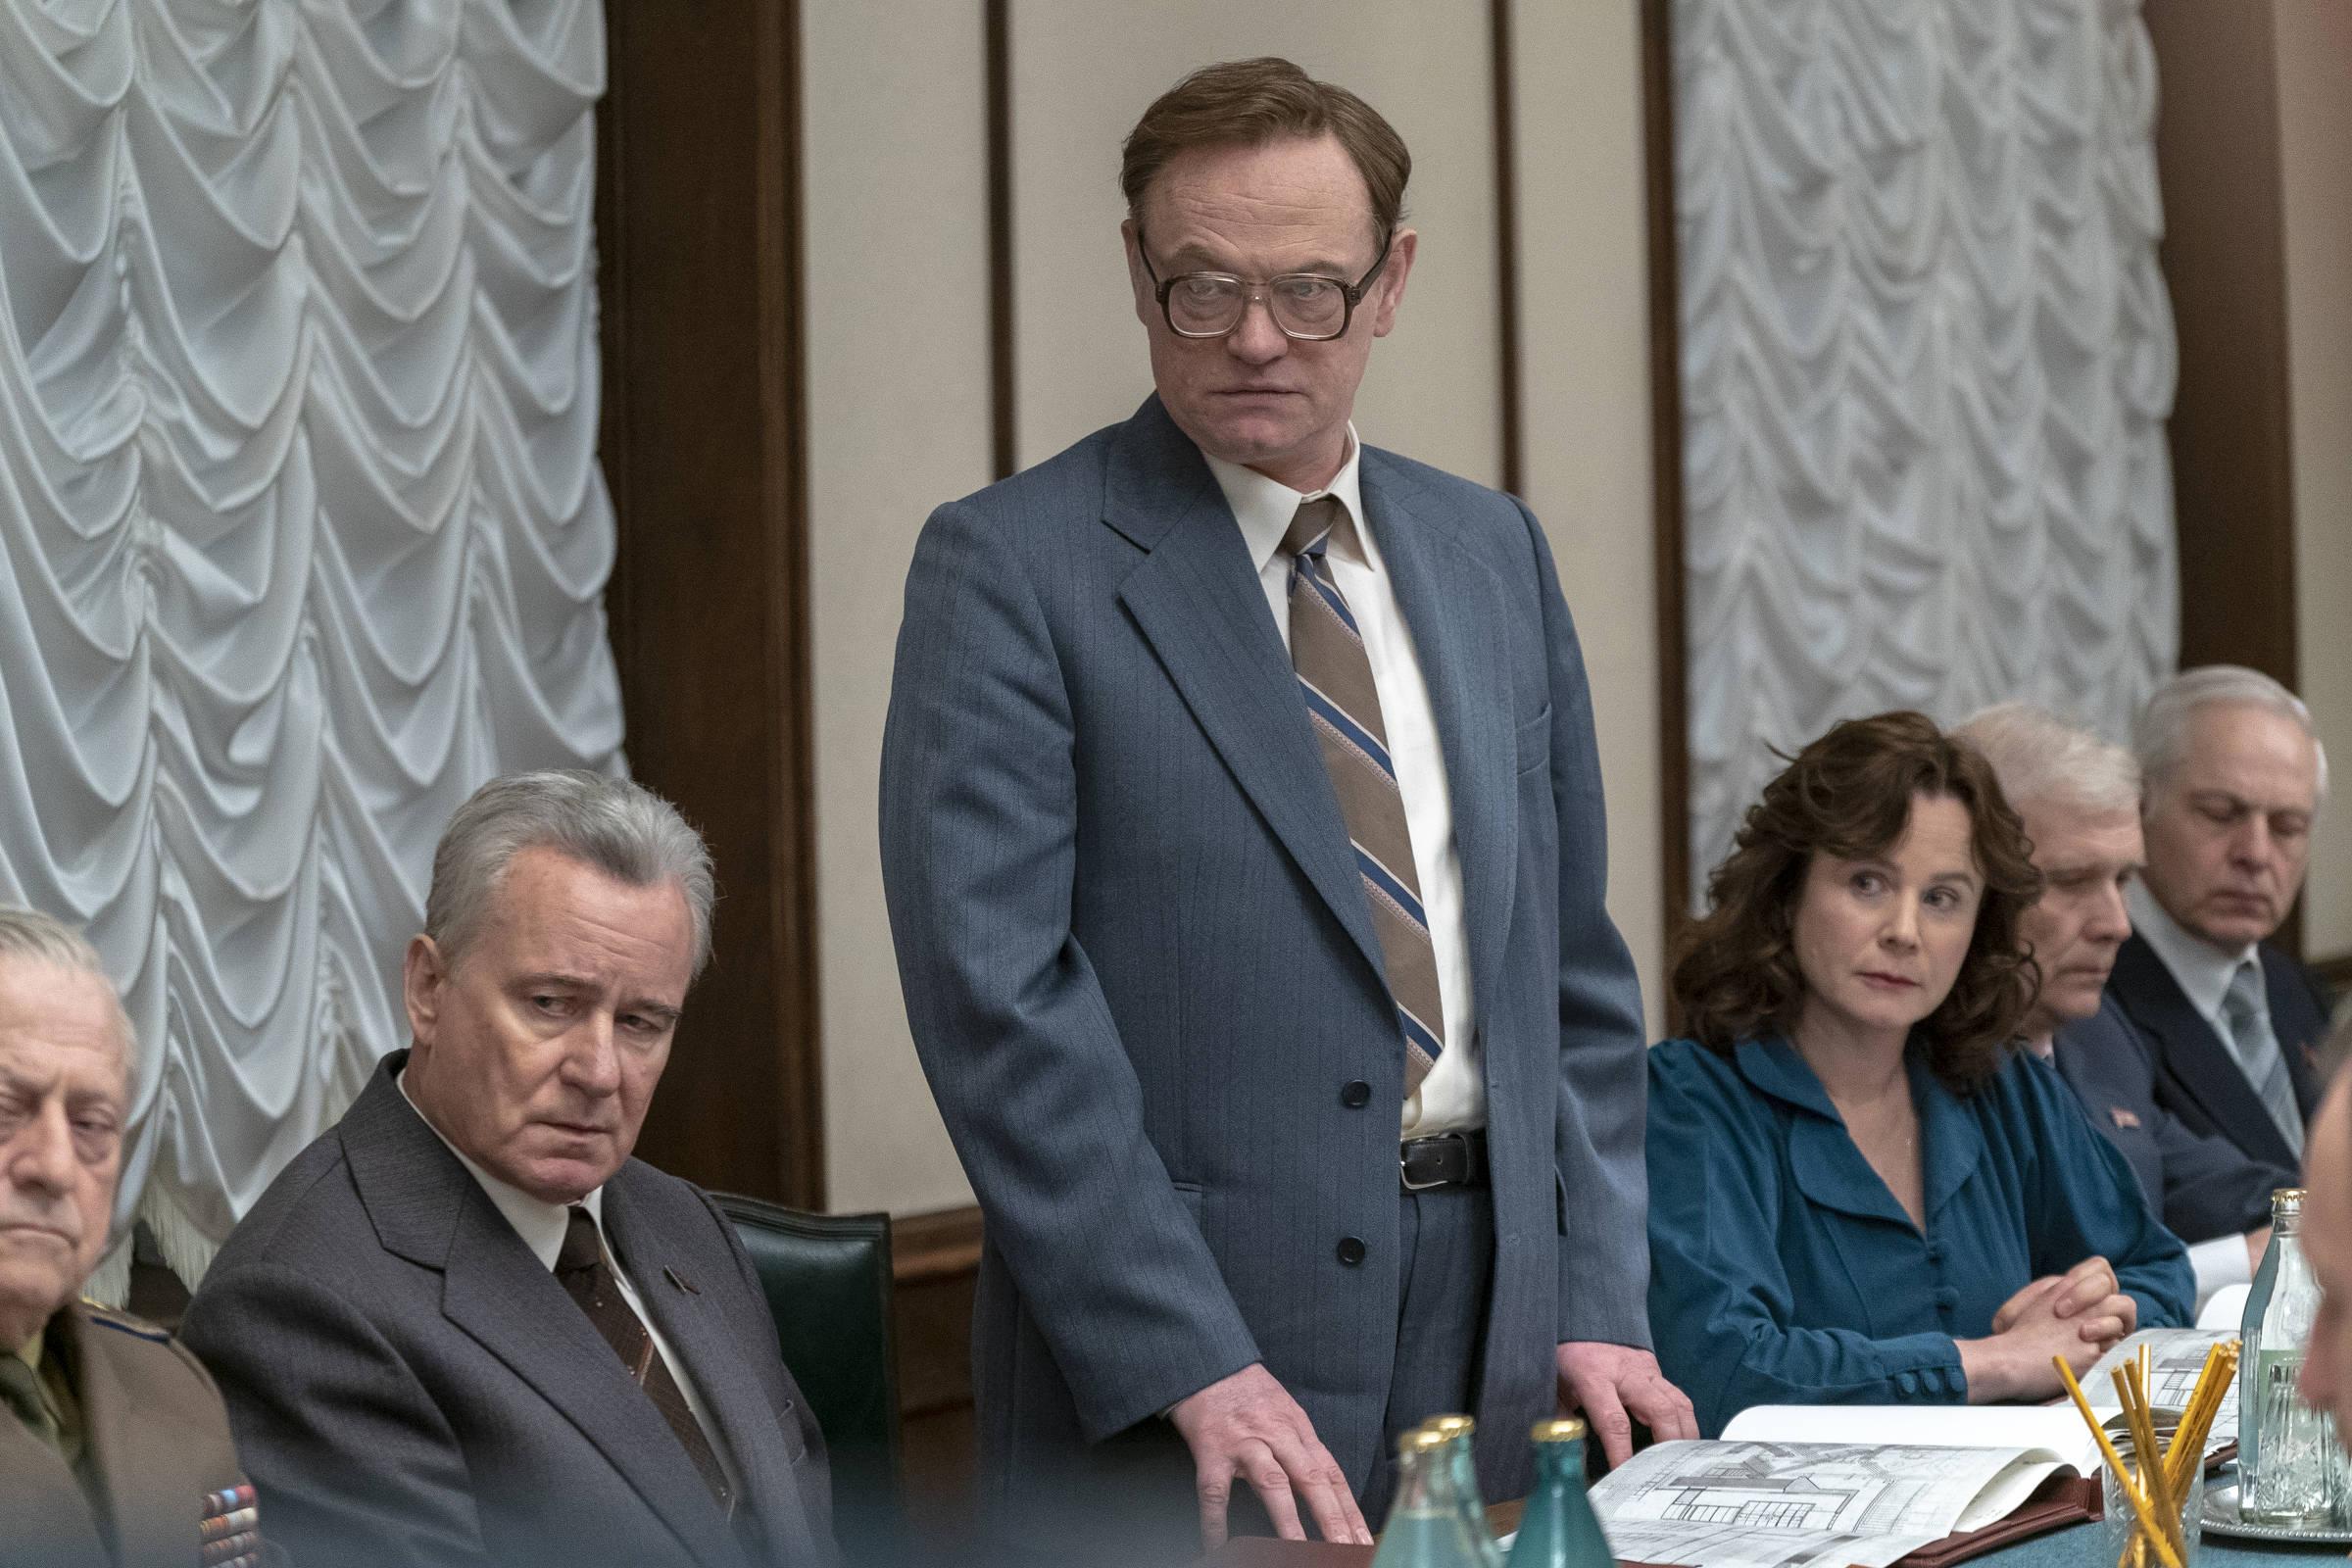 Resultado de imagem para 'Chernobyl' propaga desinformação científica, diz físico